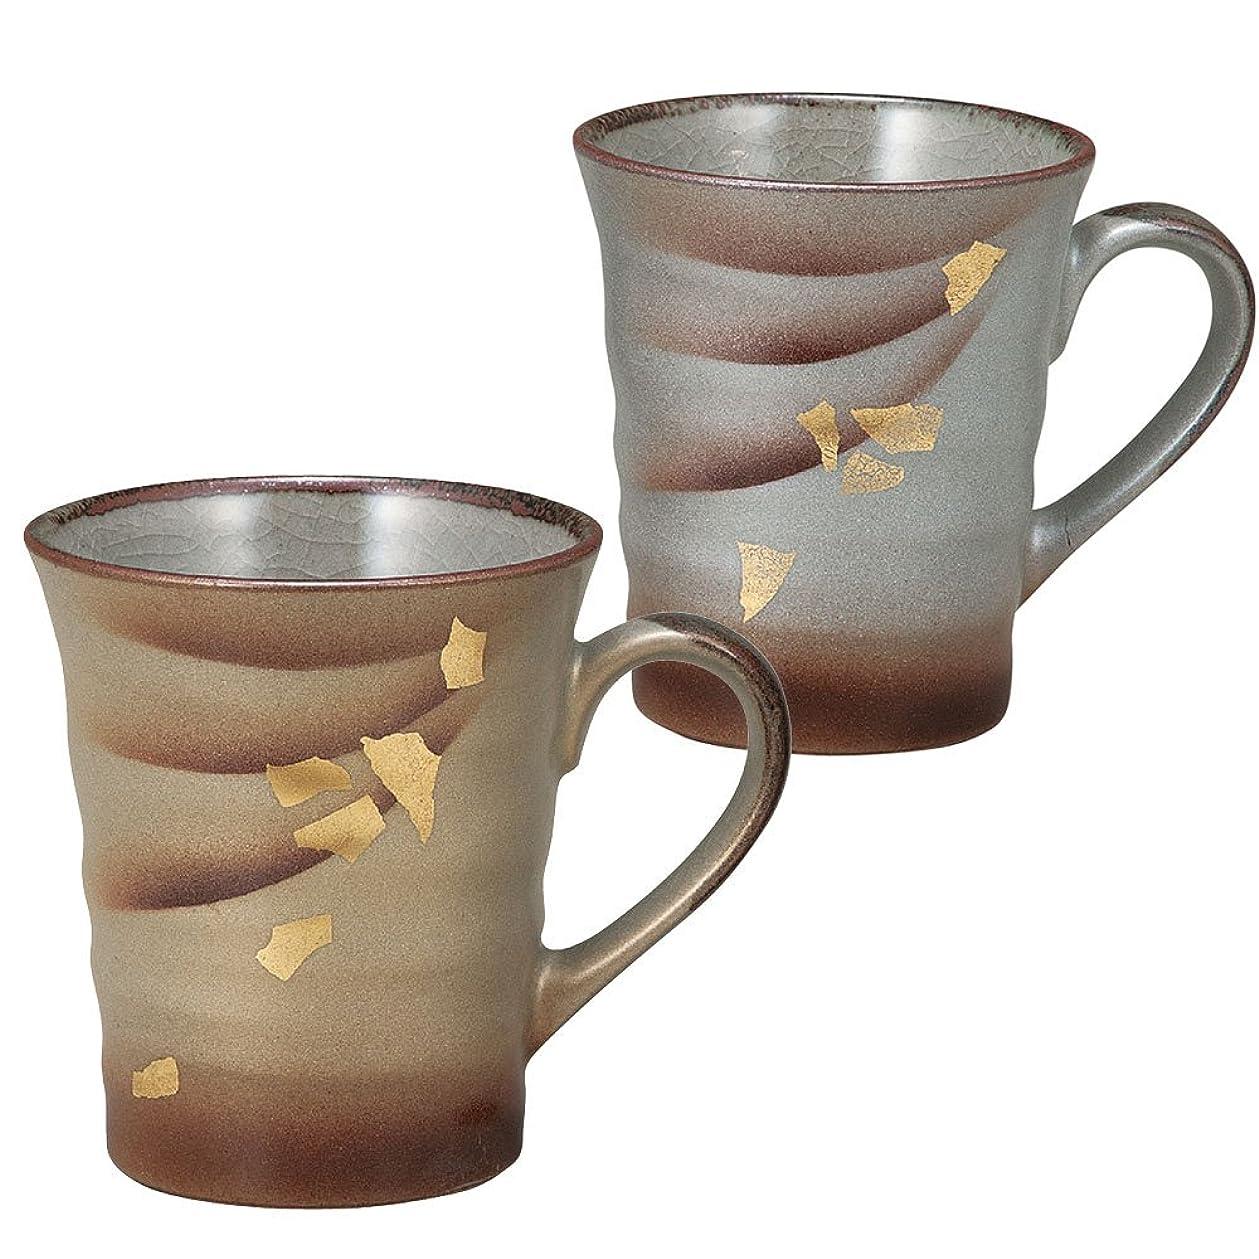 操る迷信アンペア九谷焼 陶器 ペア マグカップ 金銀彩